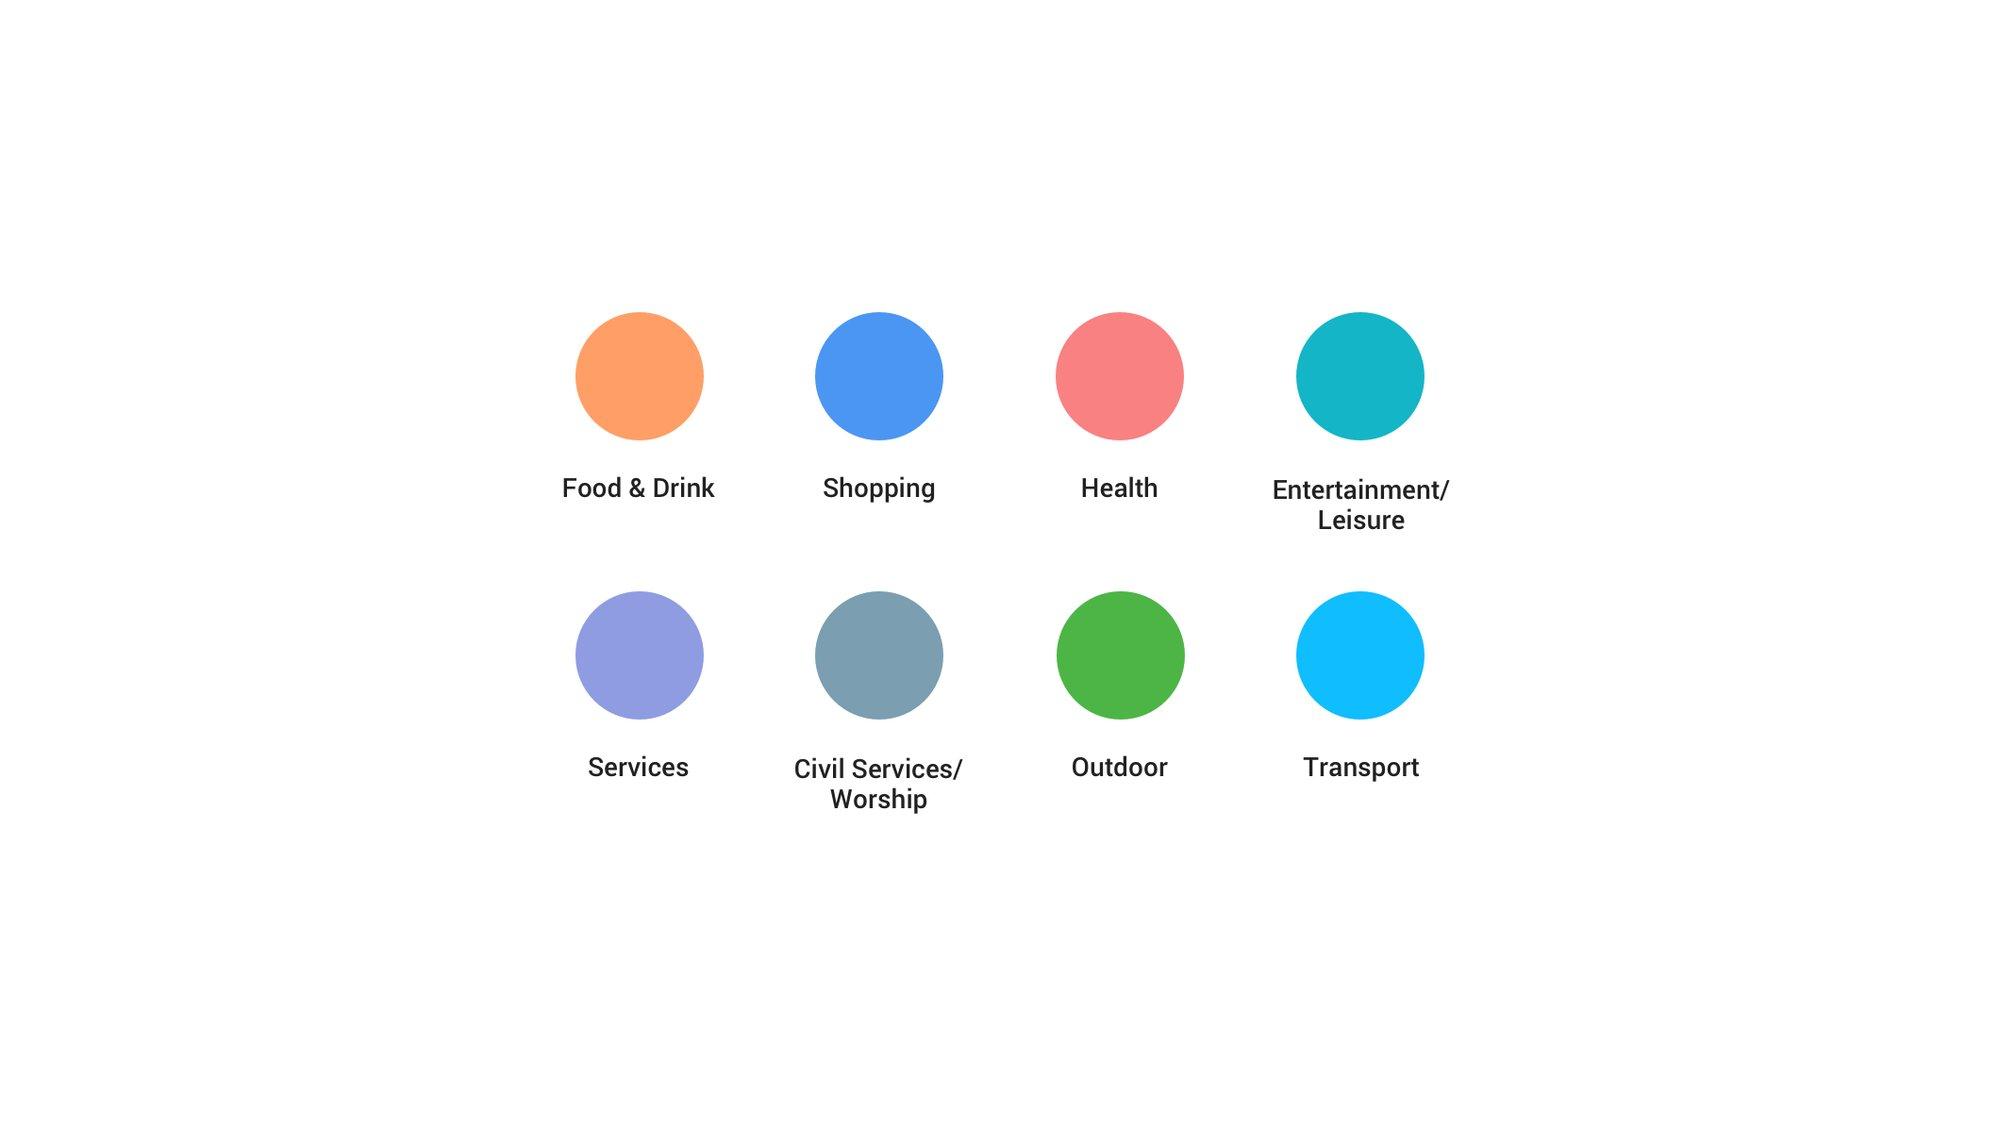 New Google Maps color palette